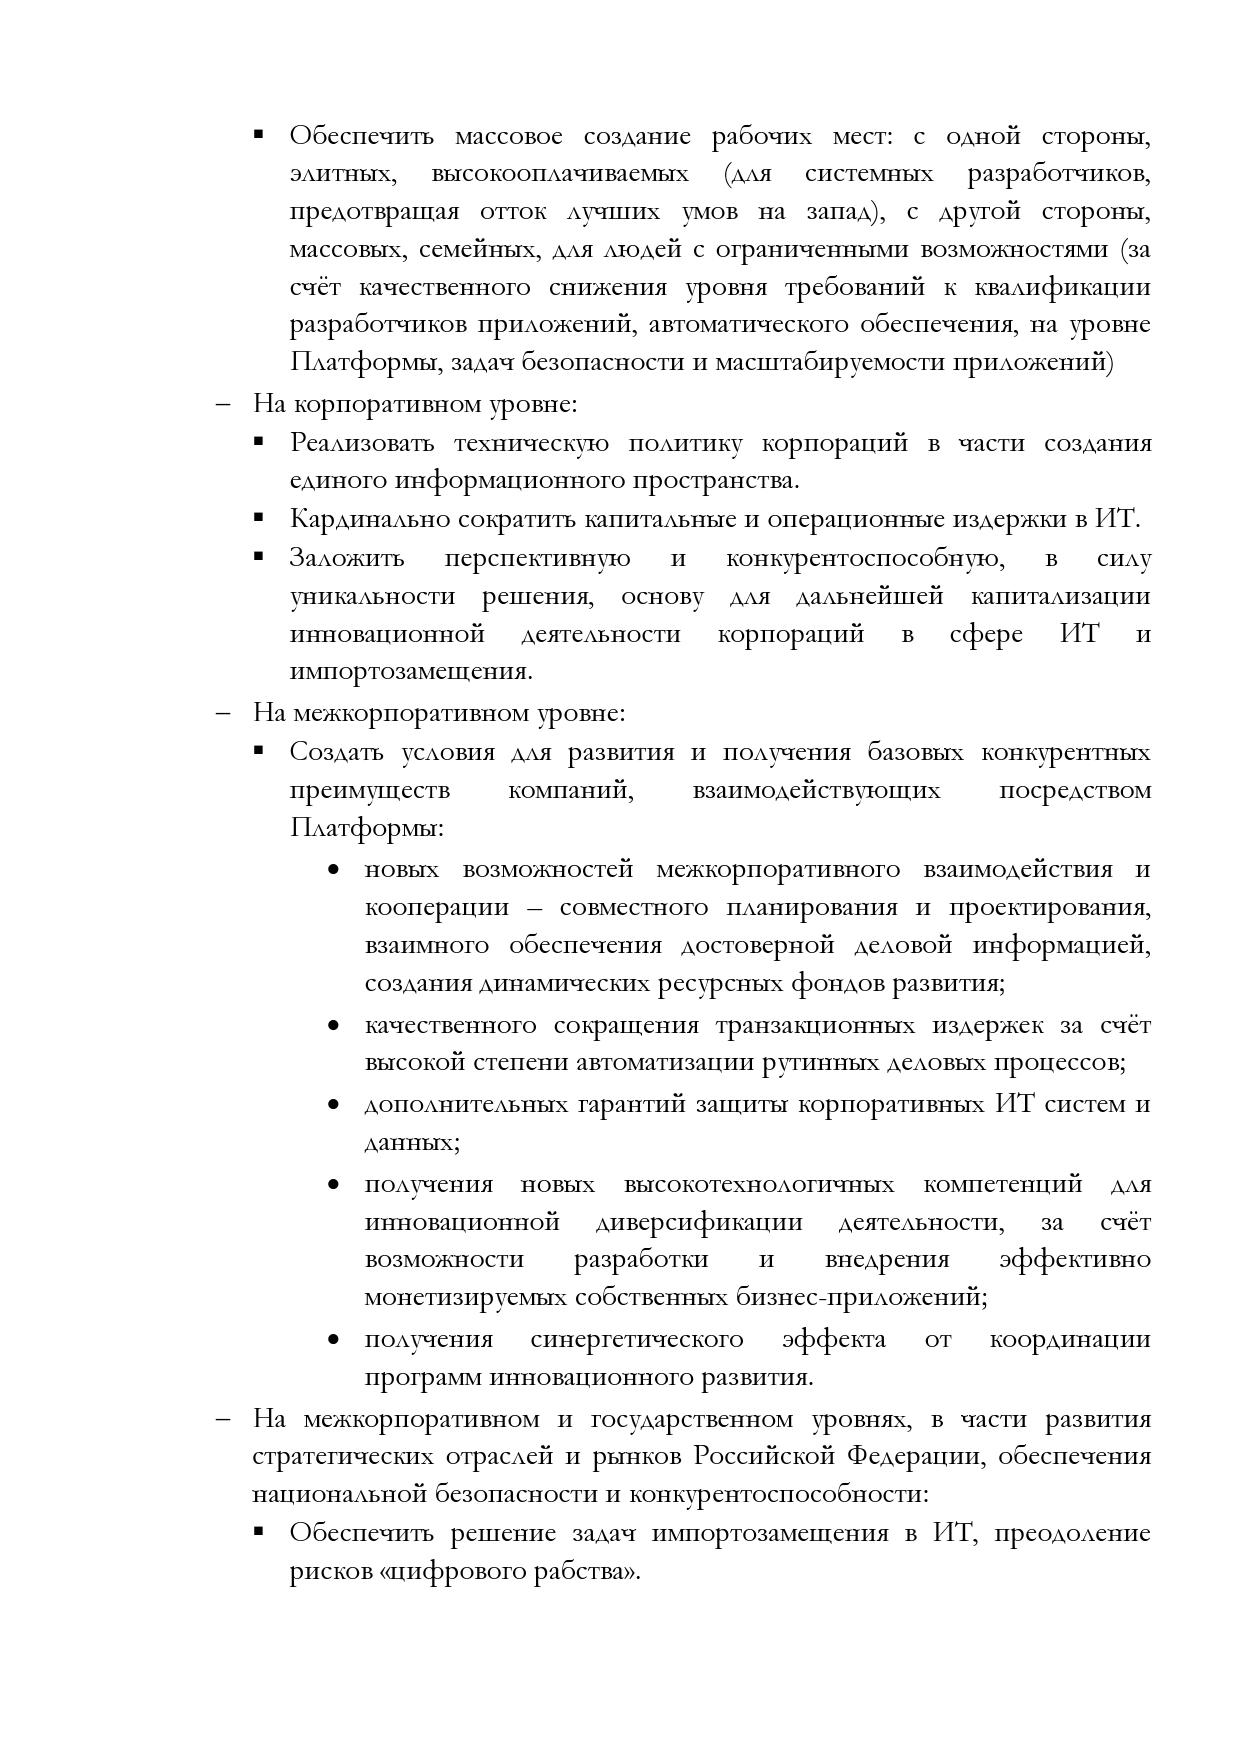 спр4.jpg